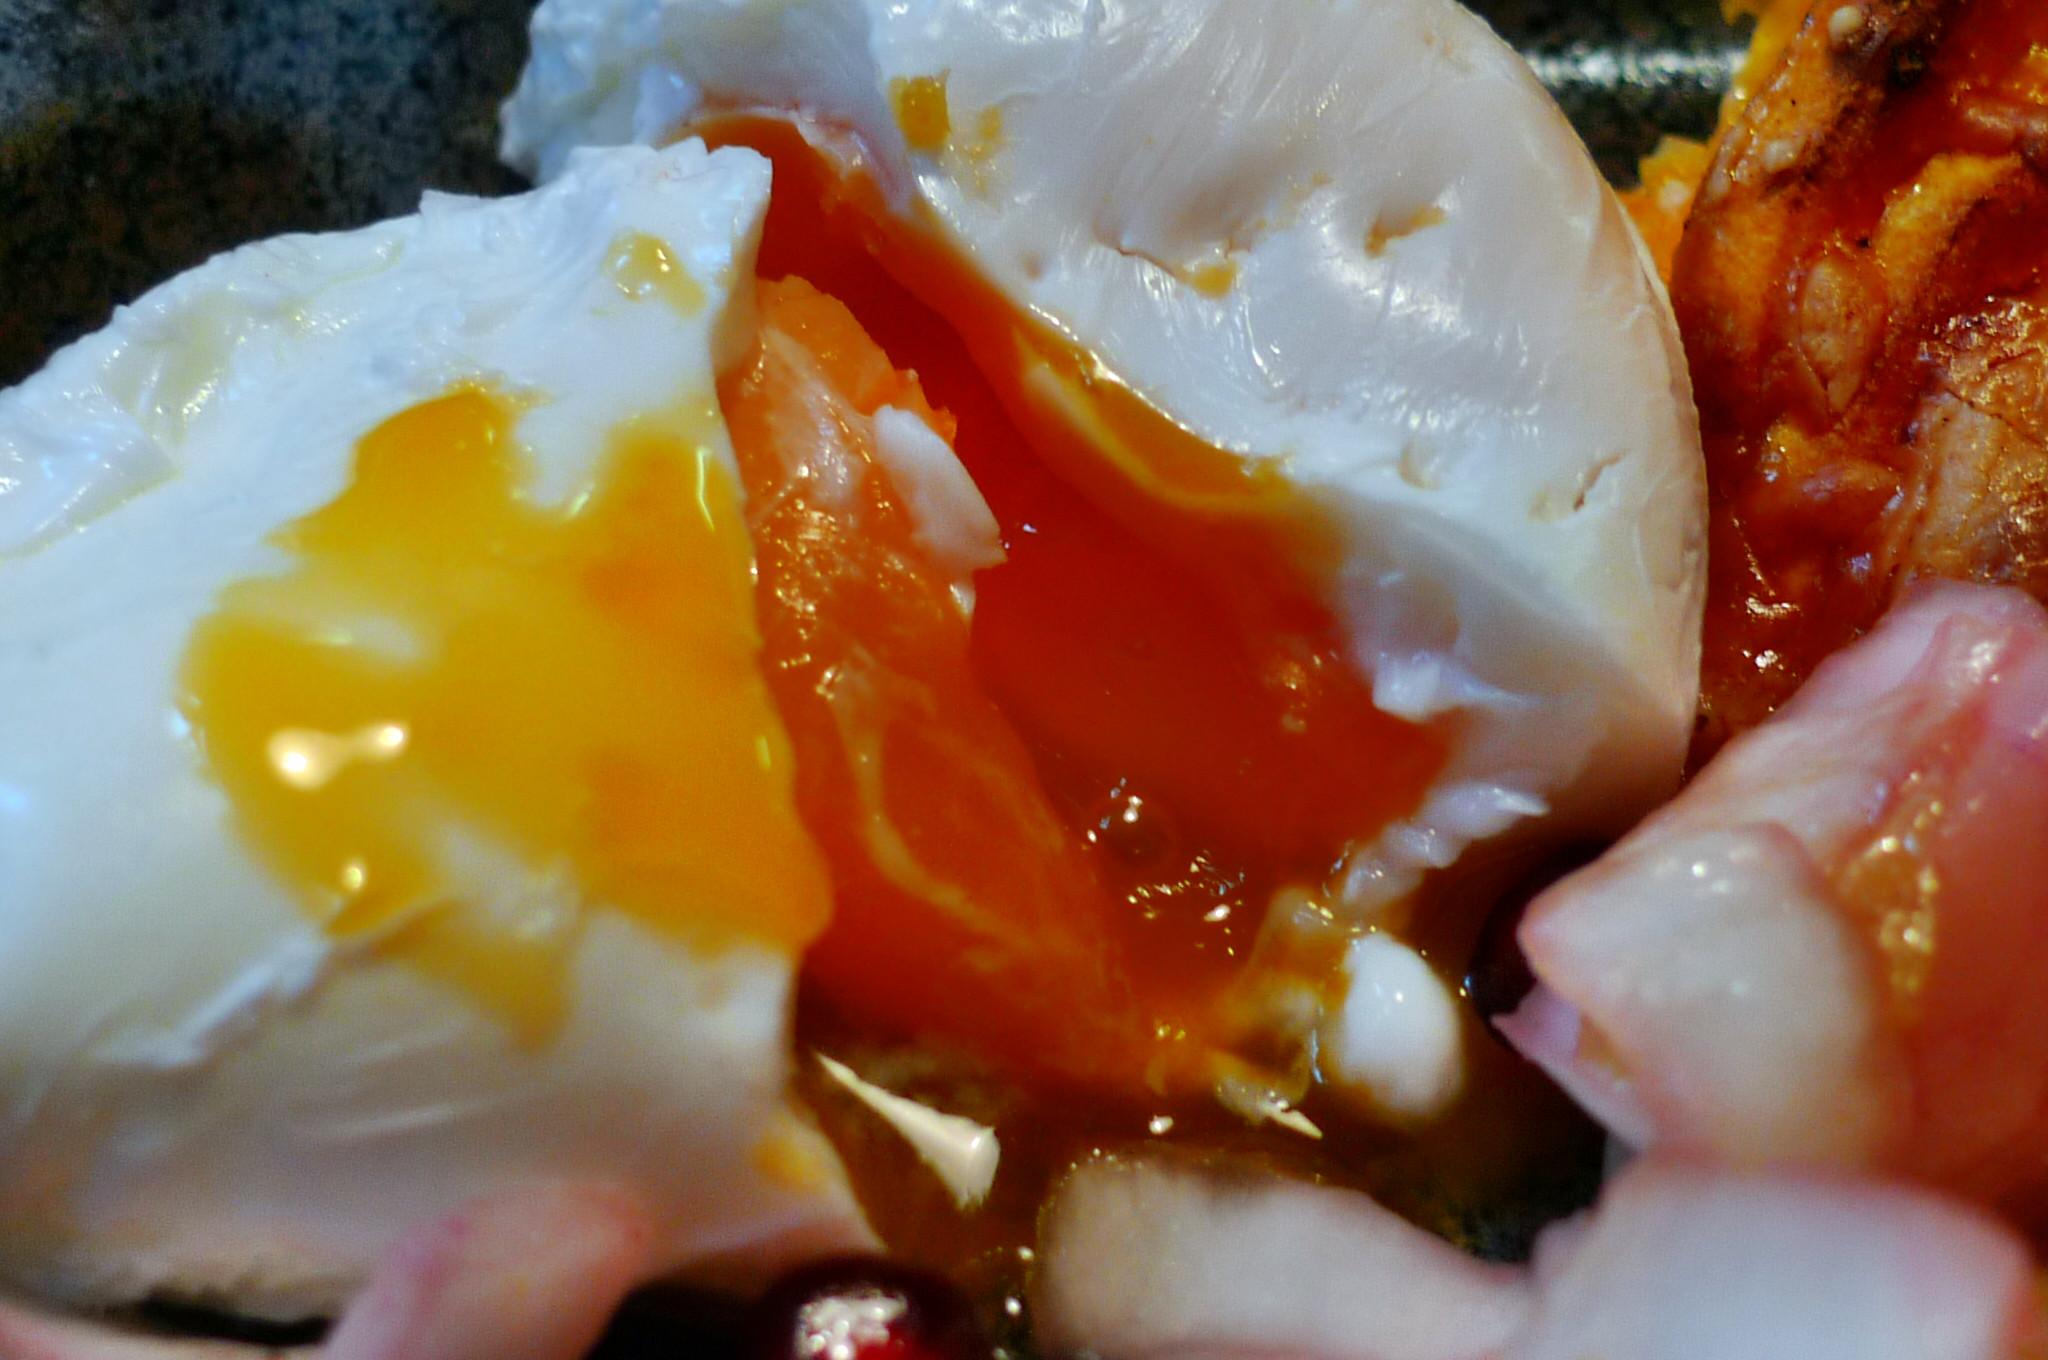 Süßkartoffelgratin,Chicoreesalat,pochierte Eier - 17.12.14   (26)